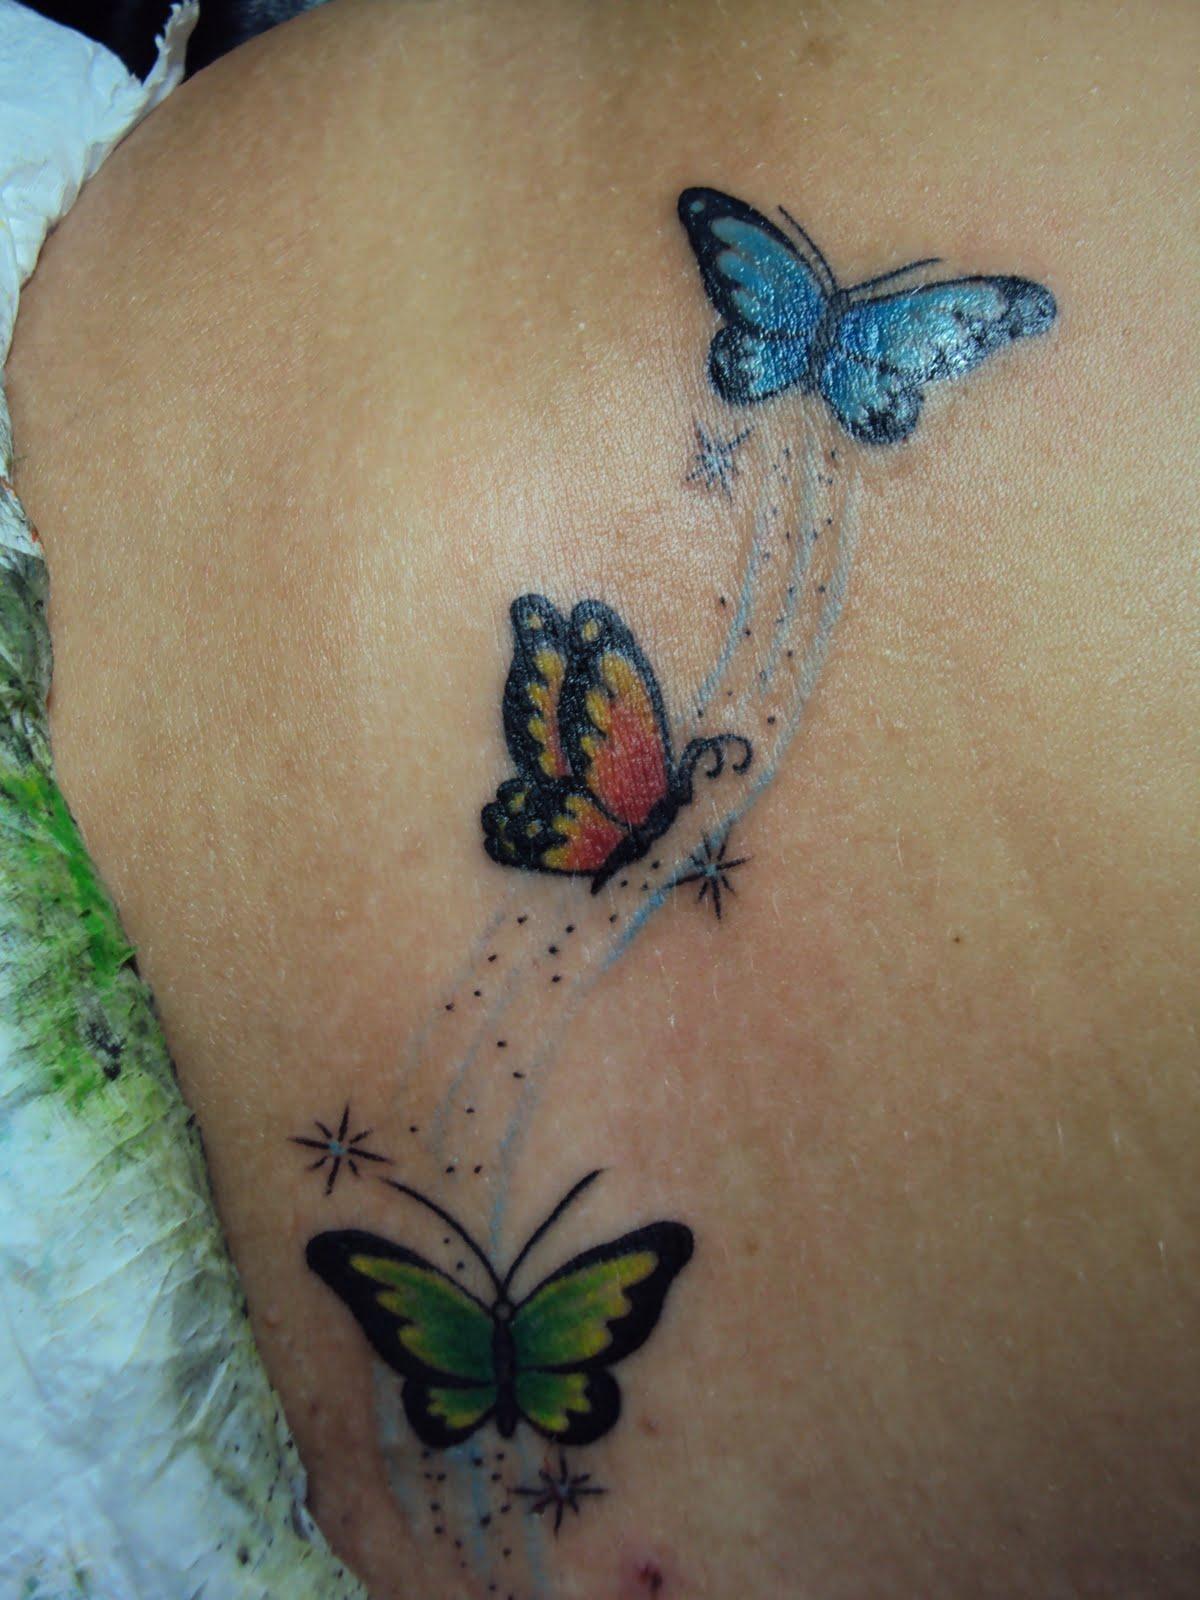 Tatuagens de borboletas verde azul e vermelha